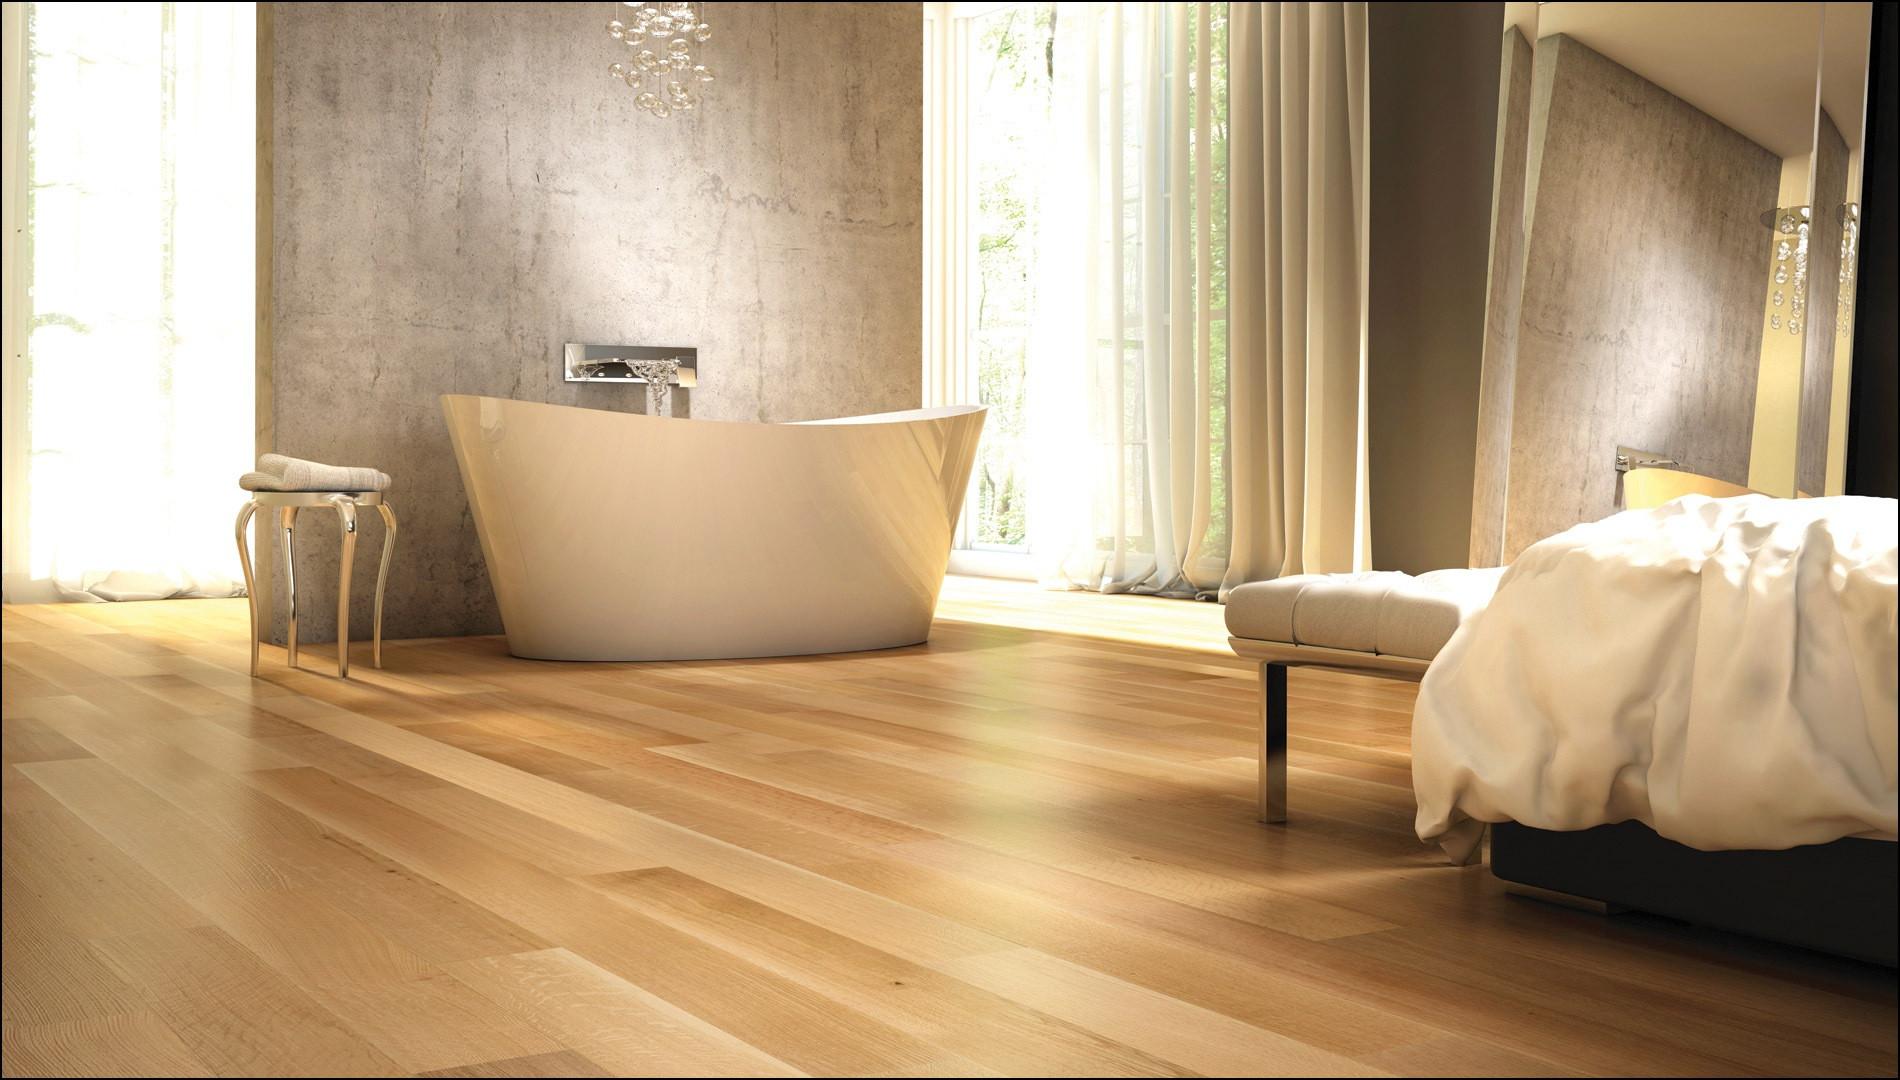 wide plank white oak hardwood flooring of wide plank flooring ideas within wide plank white oak wood flooring photographies natural white oak flooring of wide plank white oak